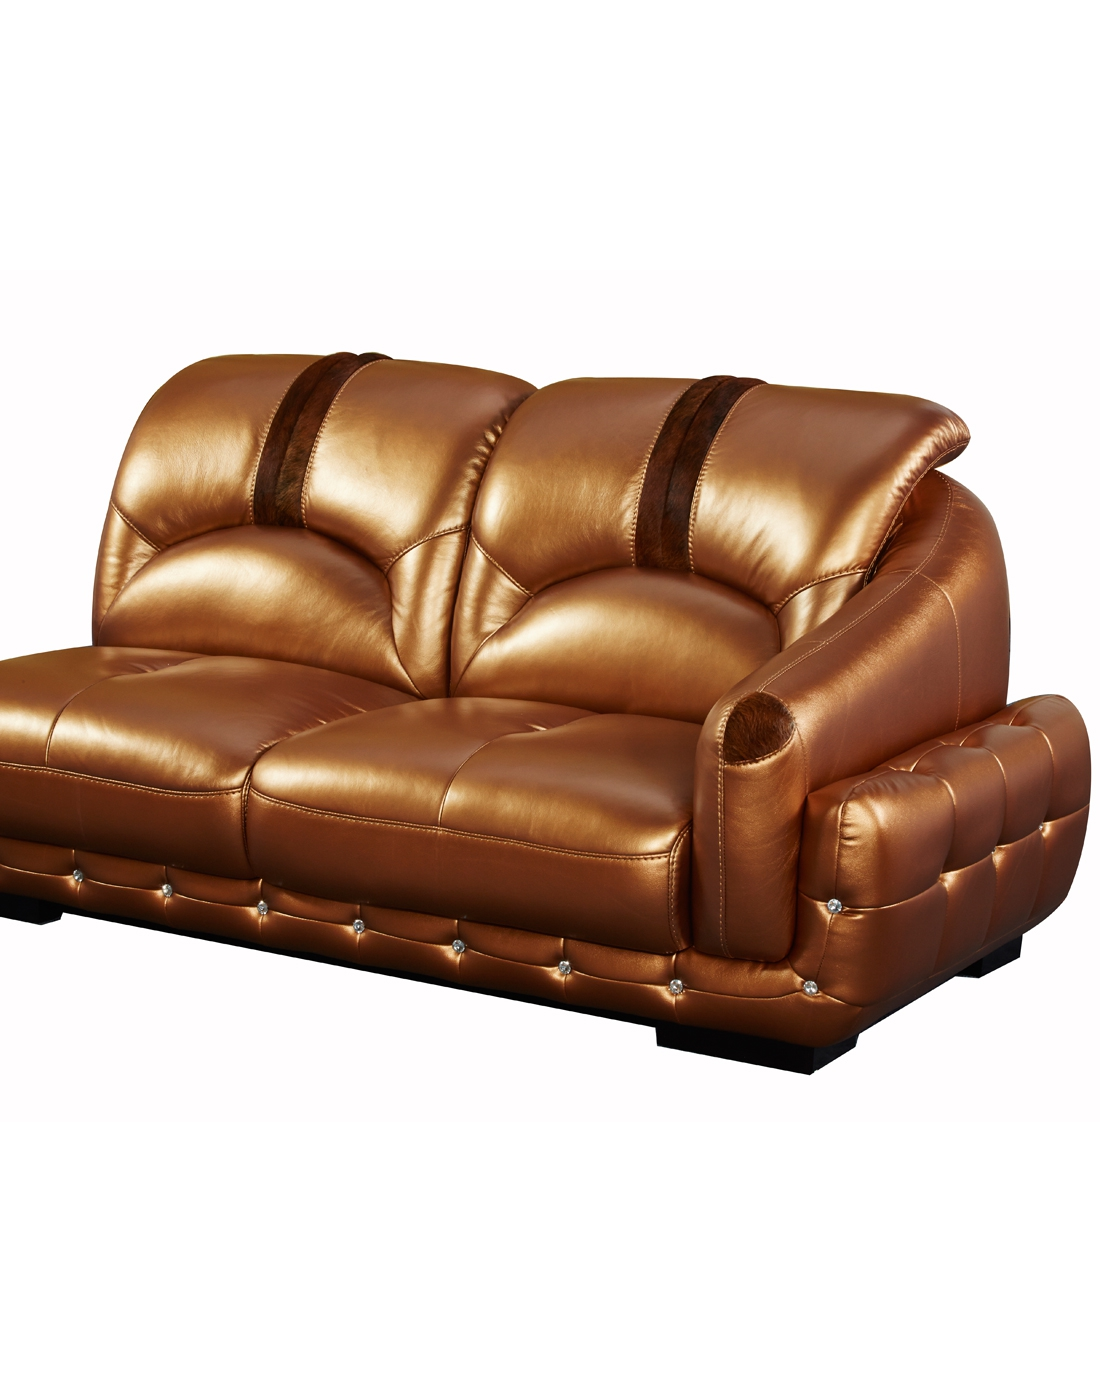 欧式现代简约真皮沙发(右扶三人位+单人位+左贵妃位)